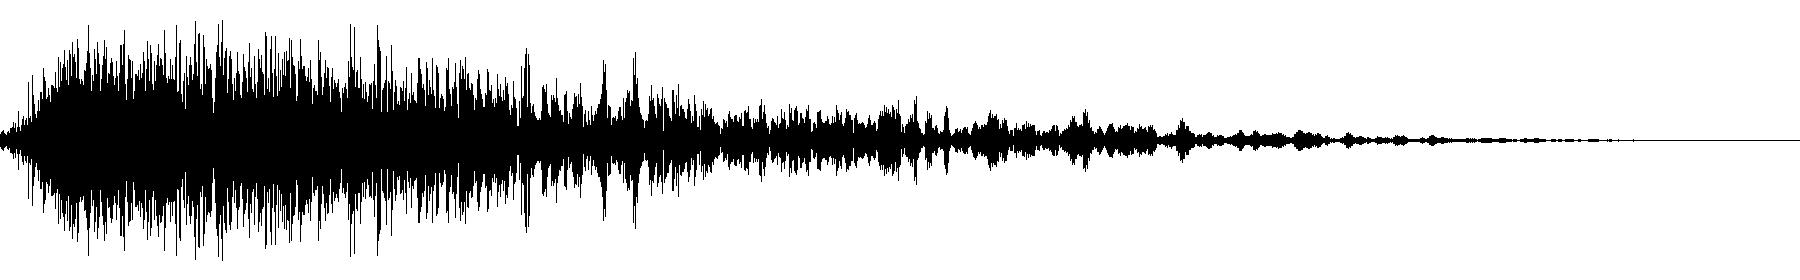 vfx1 atmos 10